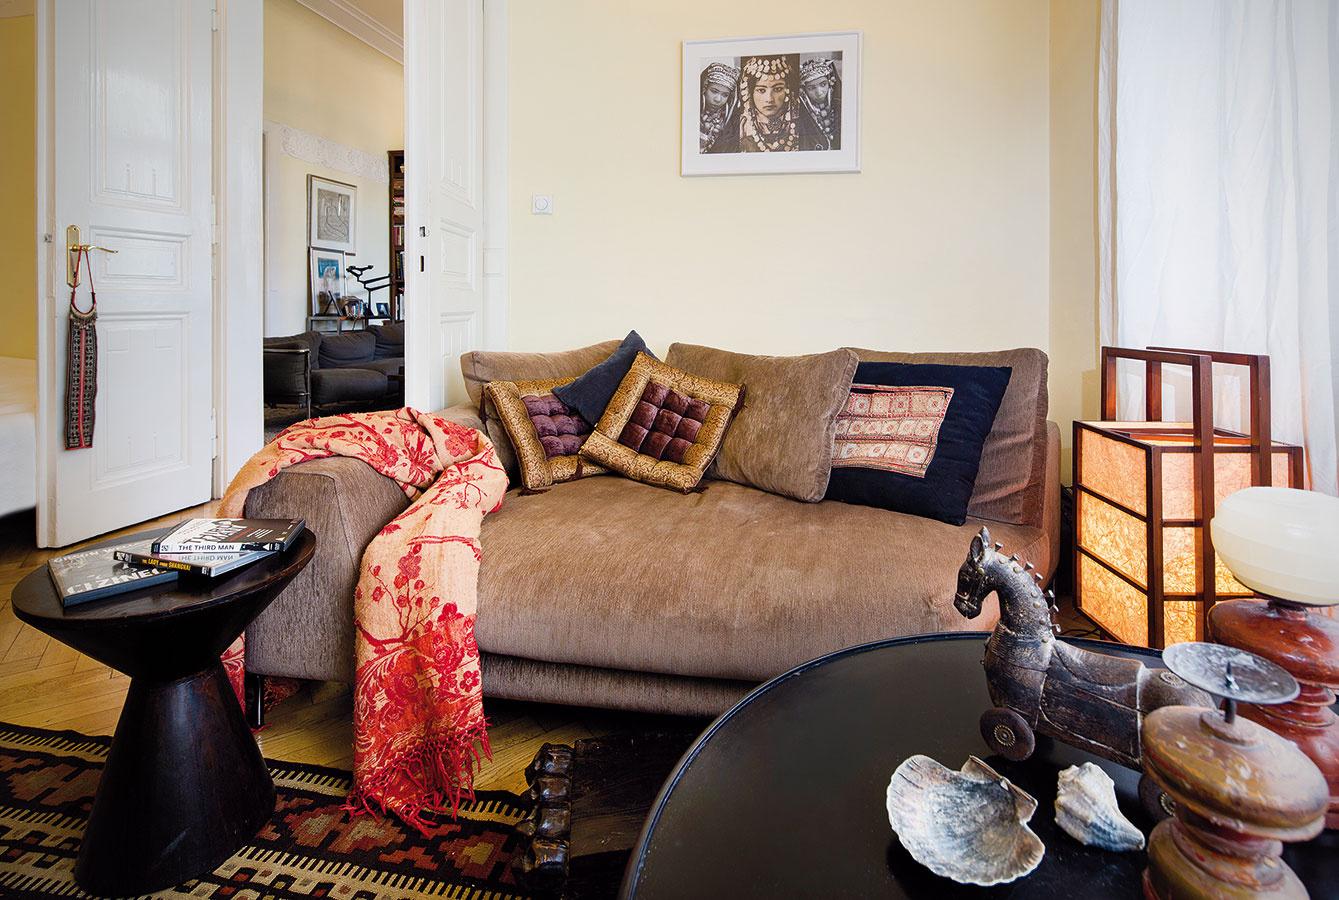 Menšia izba prístupná zobývačky slúži na sledovanie televízie, keďže tú manželia zobývacej izby vytesnili. Občasne je využívaná aj na prespávanie počas návštev Michaelových dcér.